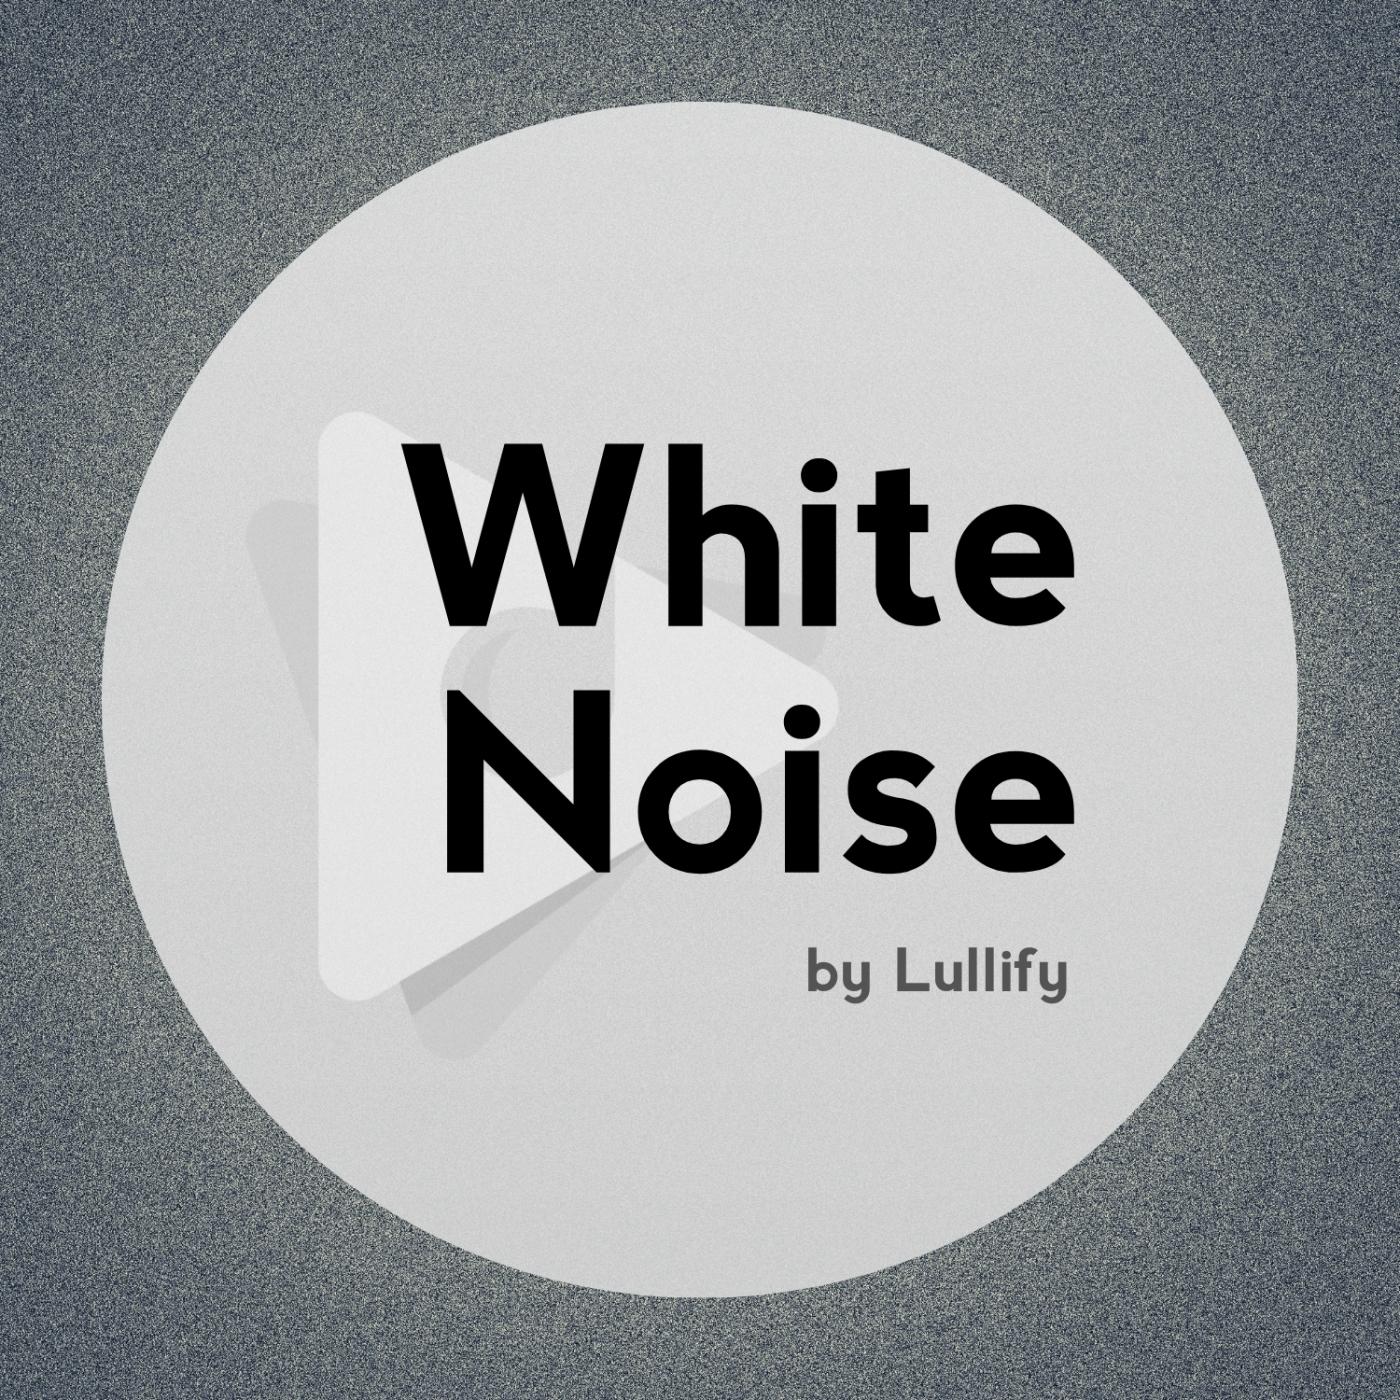 White Noise by Lullify